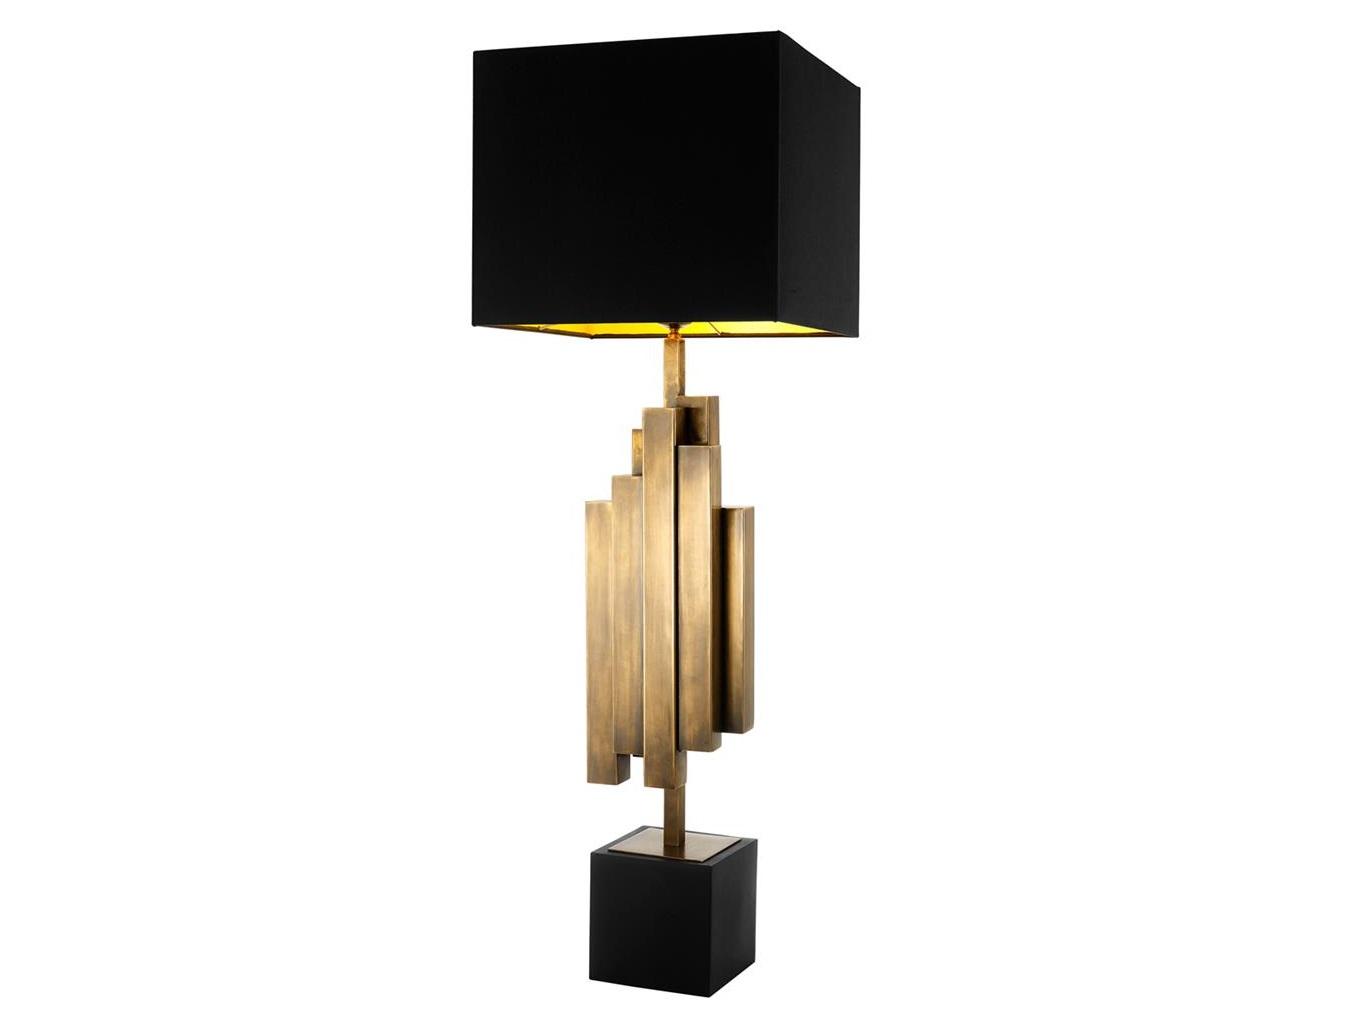 Настольная лампа Table Lamp Beau RivageДекоративные лампы<br>&amp;lt;div&amp;gt;Вид цоколя: E27&amp;lt;br&amp;gt;&amp;lt;/div&amp;gt;&amp;lt;div&amp;gt;&amp;lt;div&amp;gt;Мощность: 40W&amp;lt;/div&amp;gt;&amp;lt;div&amp;gt;Количество ламп: 1 (нет в комплекте)&amp;lt;/div&amp;gt;&amp;lt;/div&amp;gt;<br><br>Material: Металл<br>Ширина см: 35.0<br>Высота см: 105<br>Глубина см: 18.0